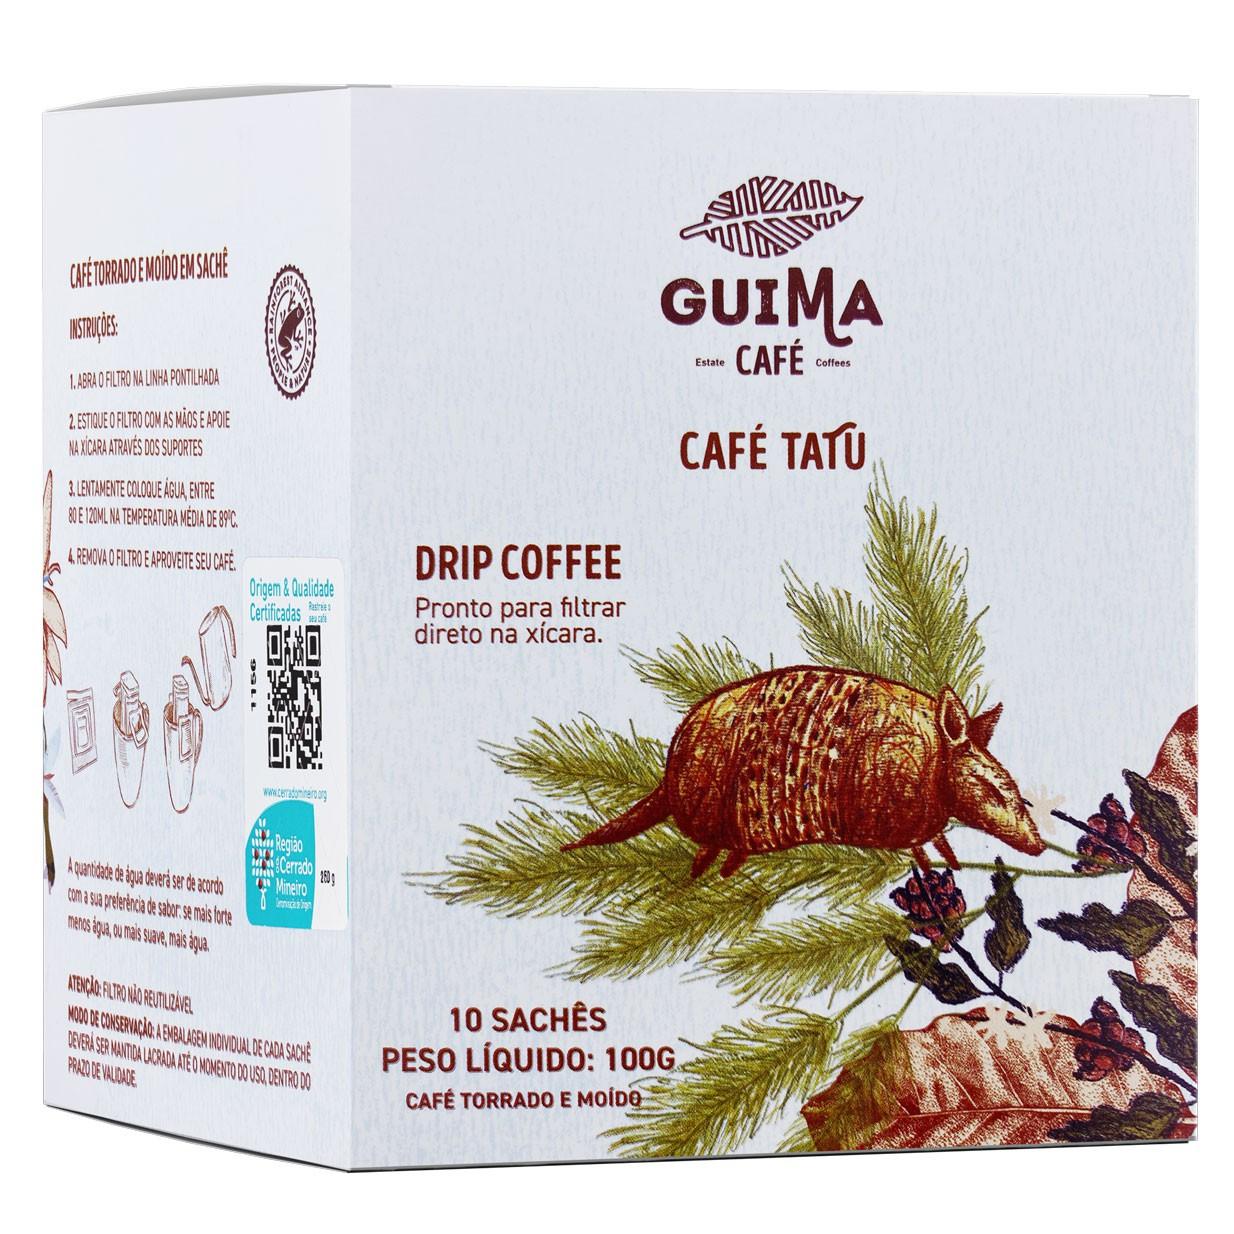 Guima Café - Tatu (Drip Coffee)